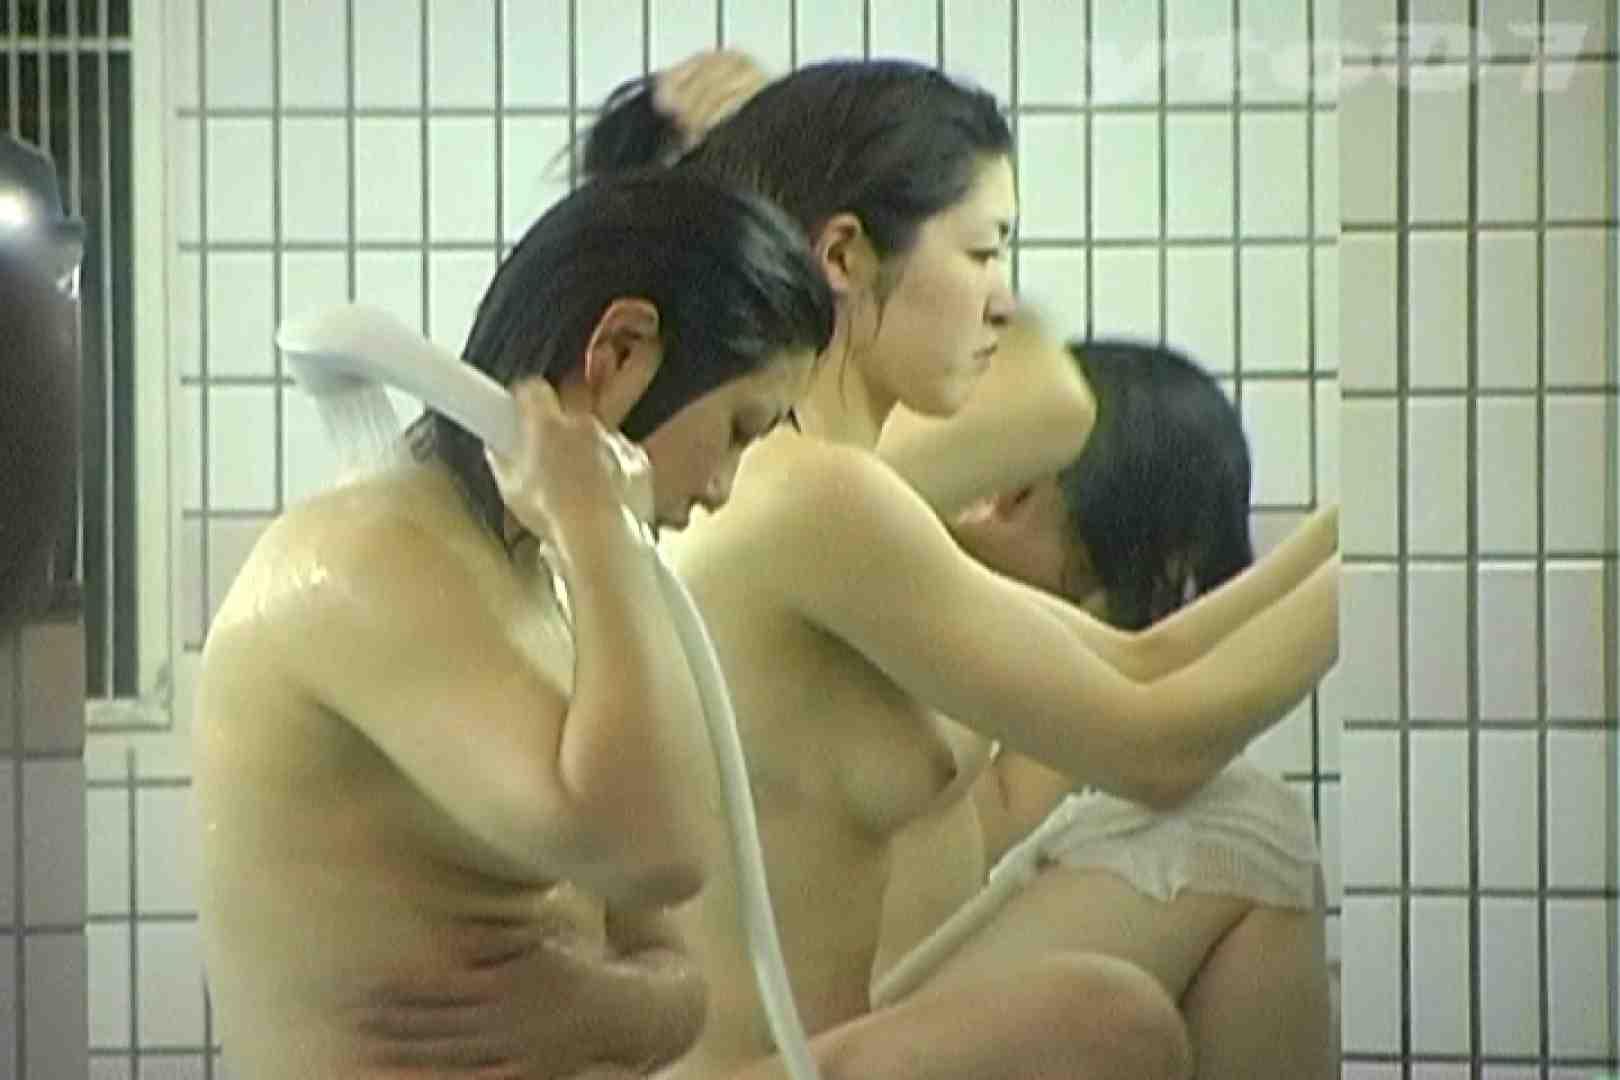 ▲復活限定▲合宿ホテル女風呂盗撮 Vol.06 期間限定 SEX無修正画像 85pic 46